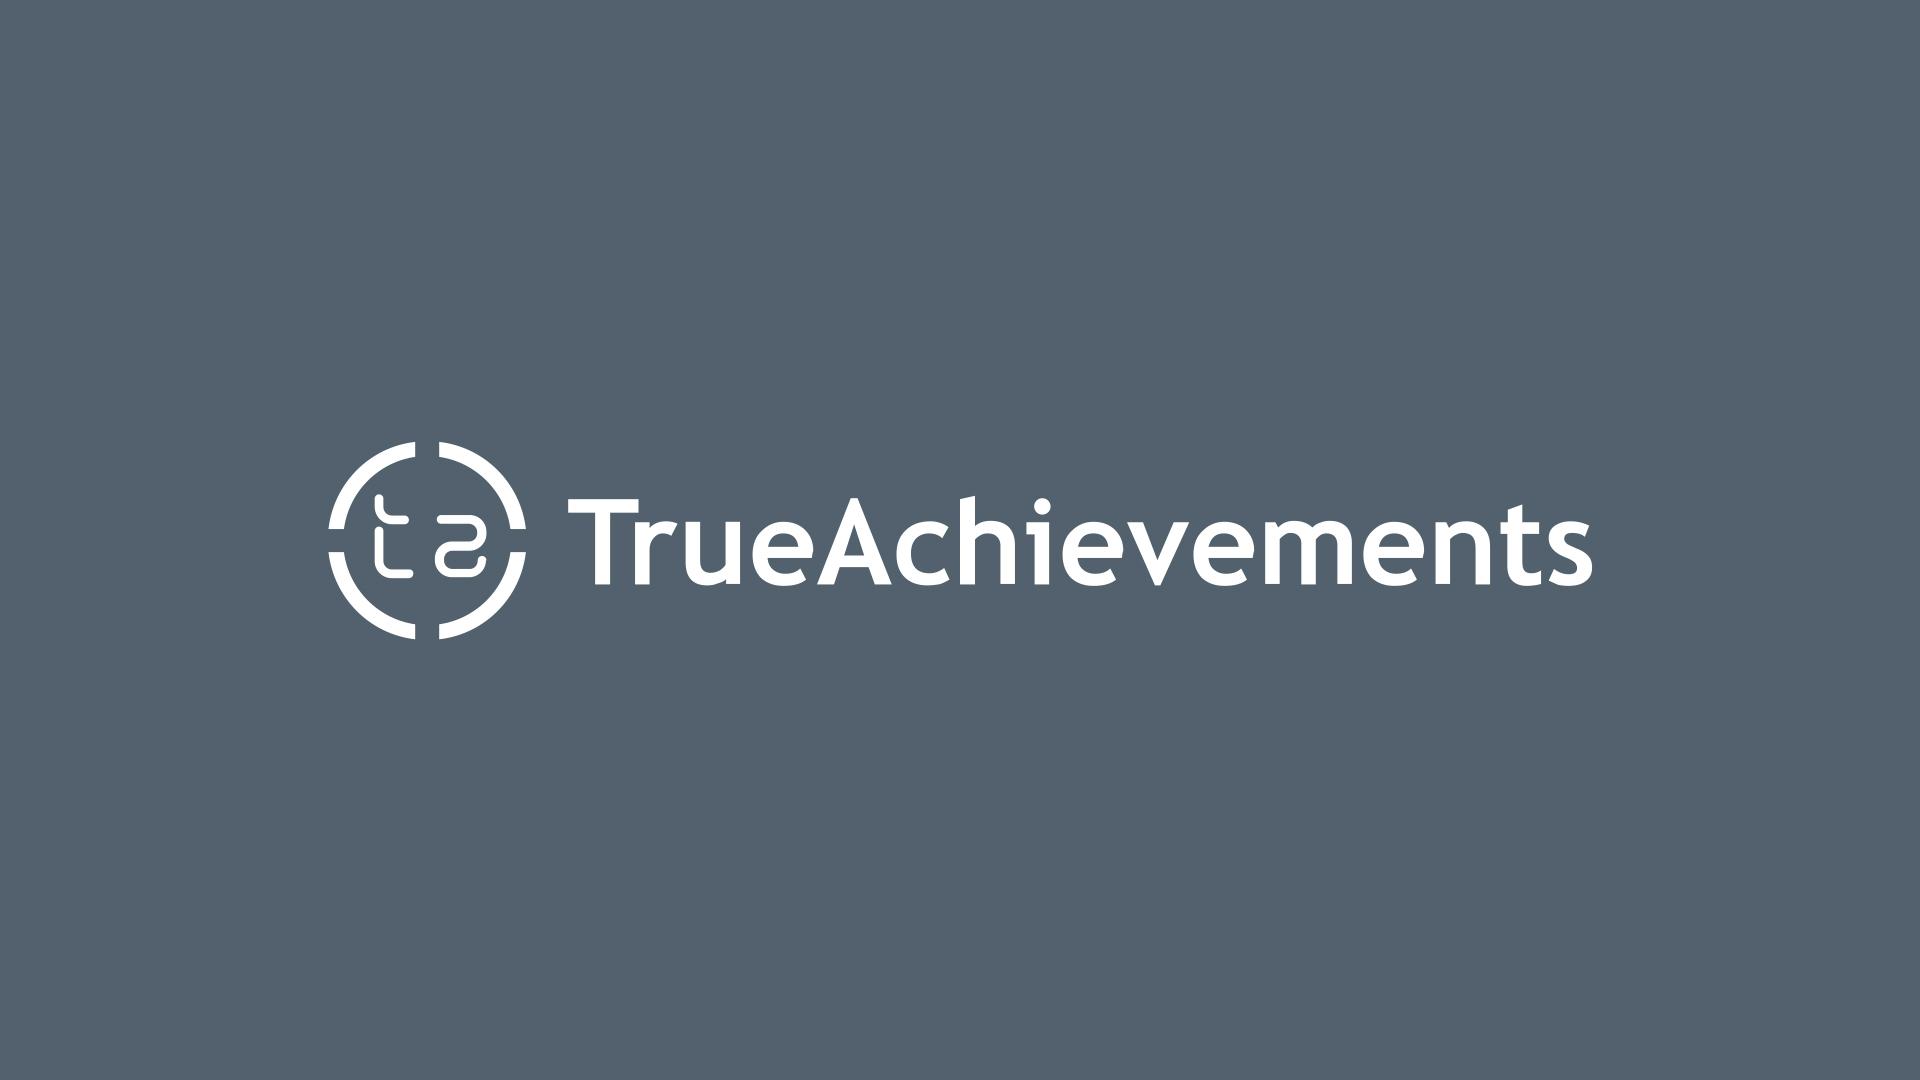 TrueAchievements-logo